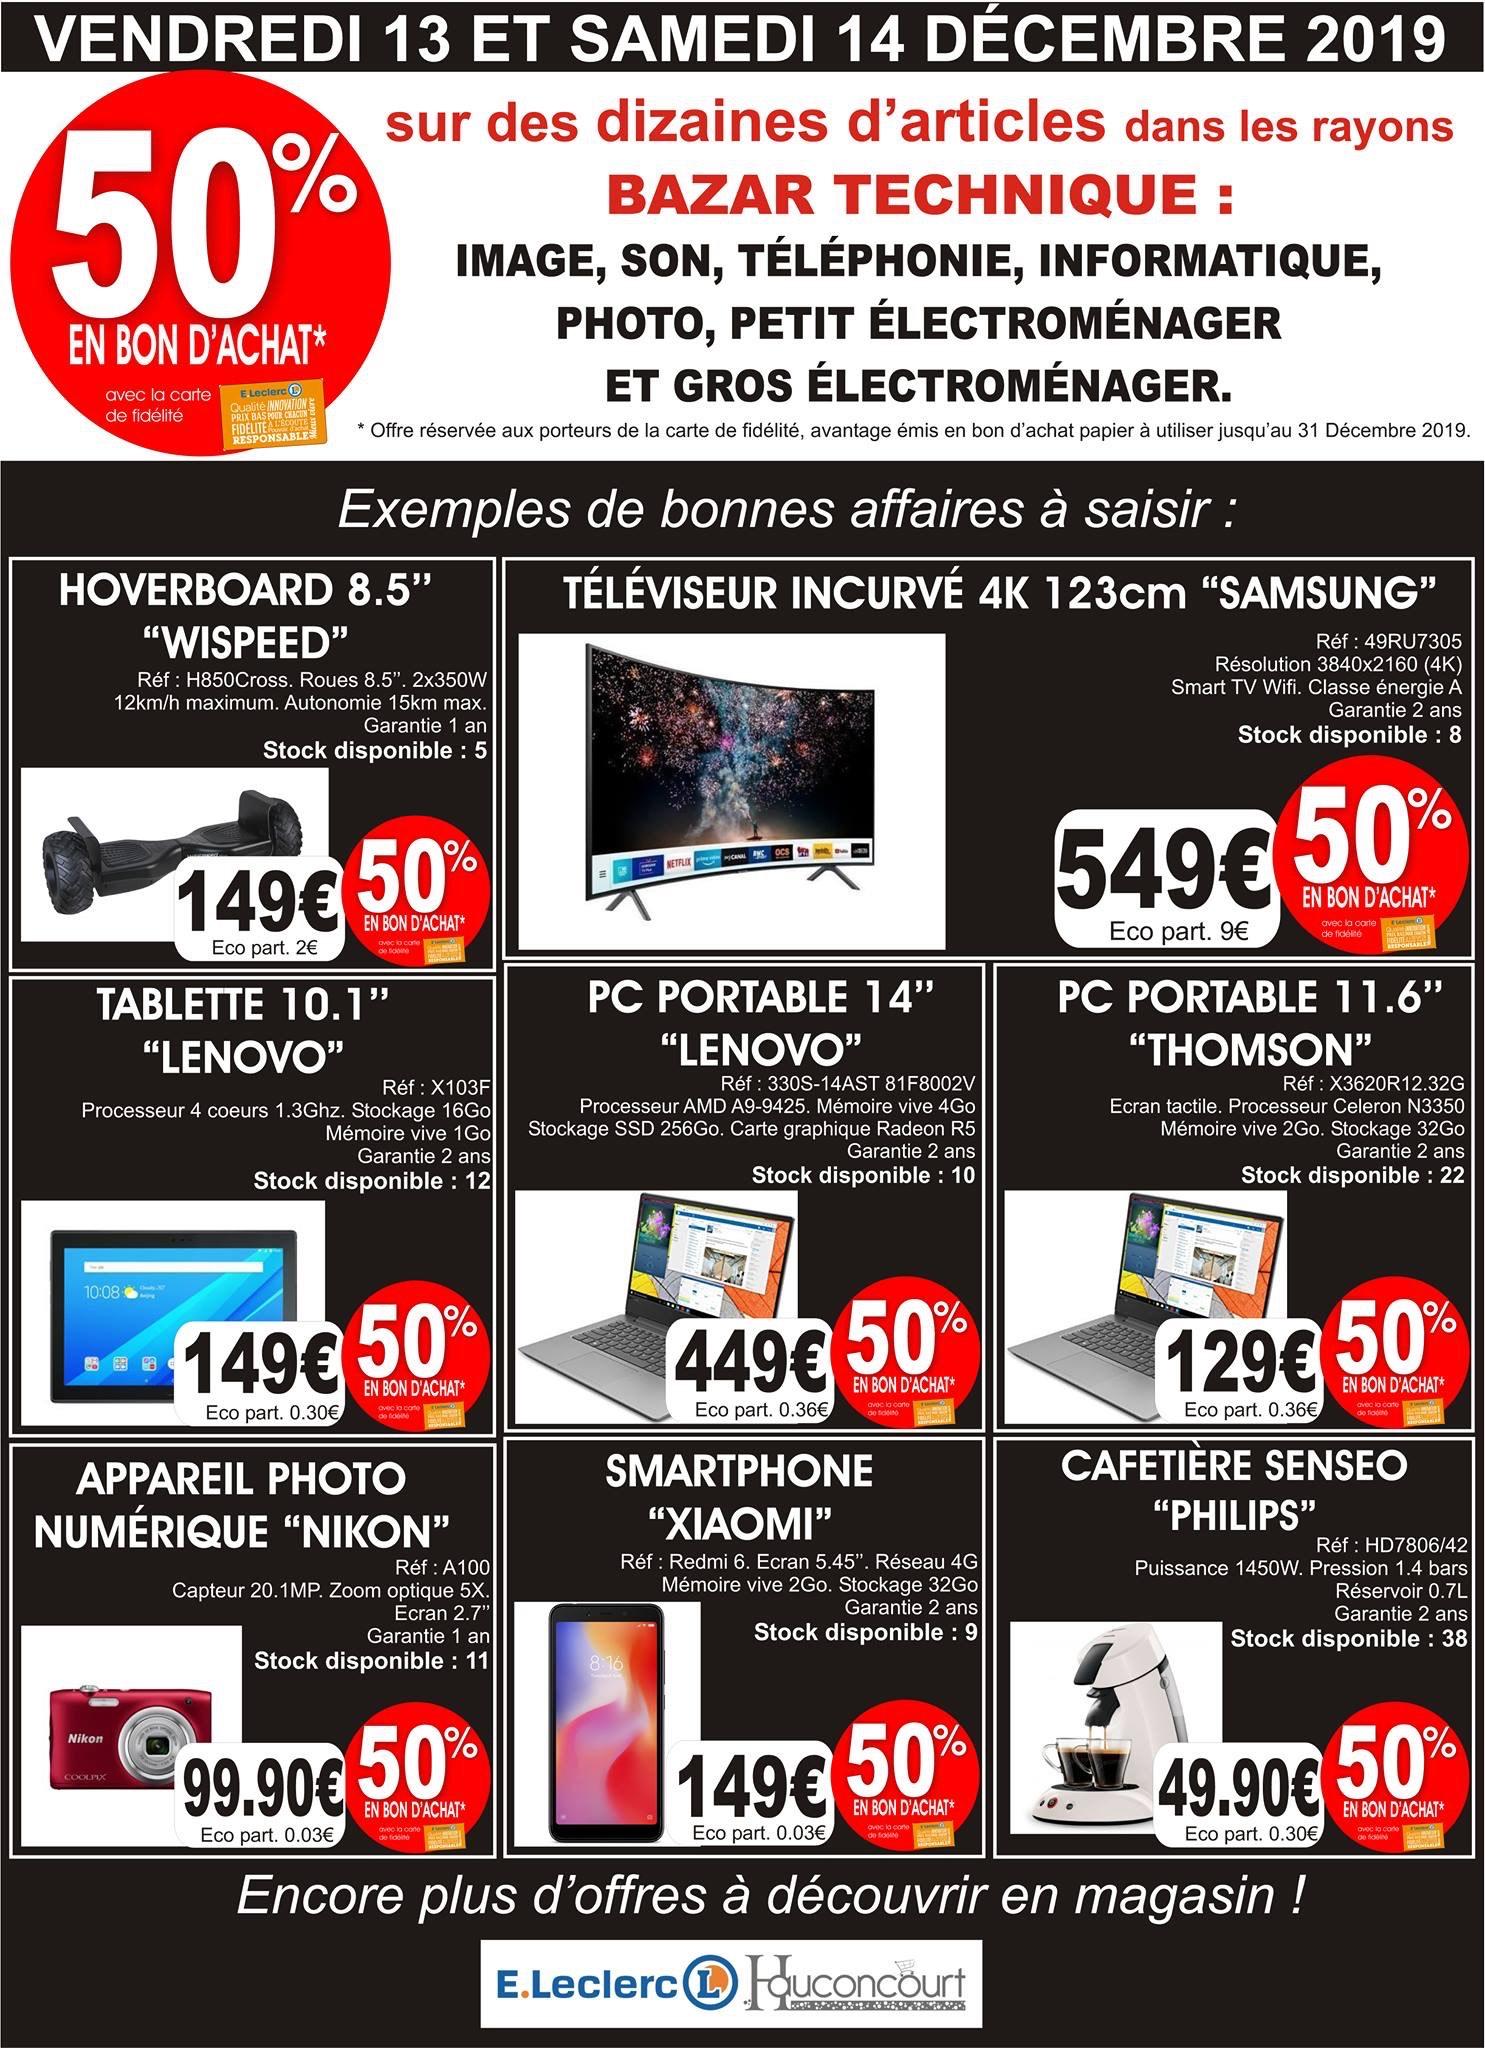 """50% remboursés en bon d'achat sur une sélection d'articles - Ex : TV Incurvée 49"""" Samsung UE49RU7305 - Hauconcourt (57)"""